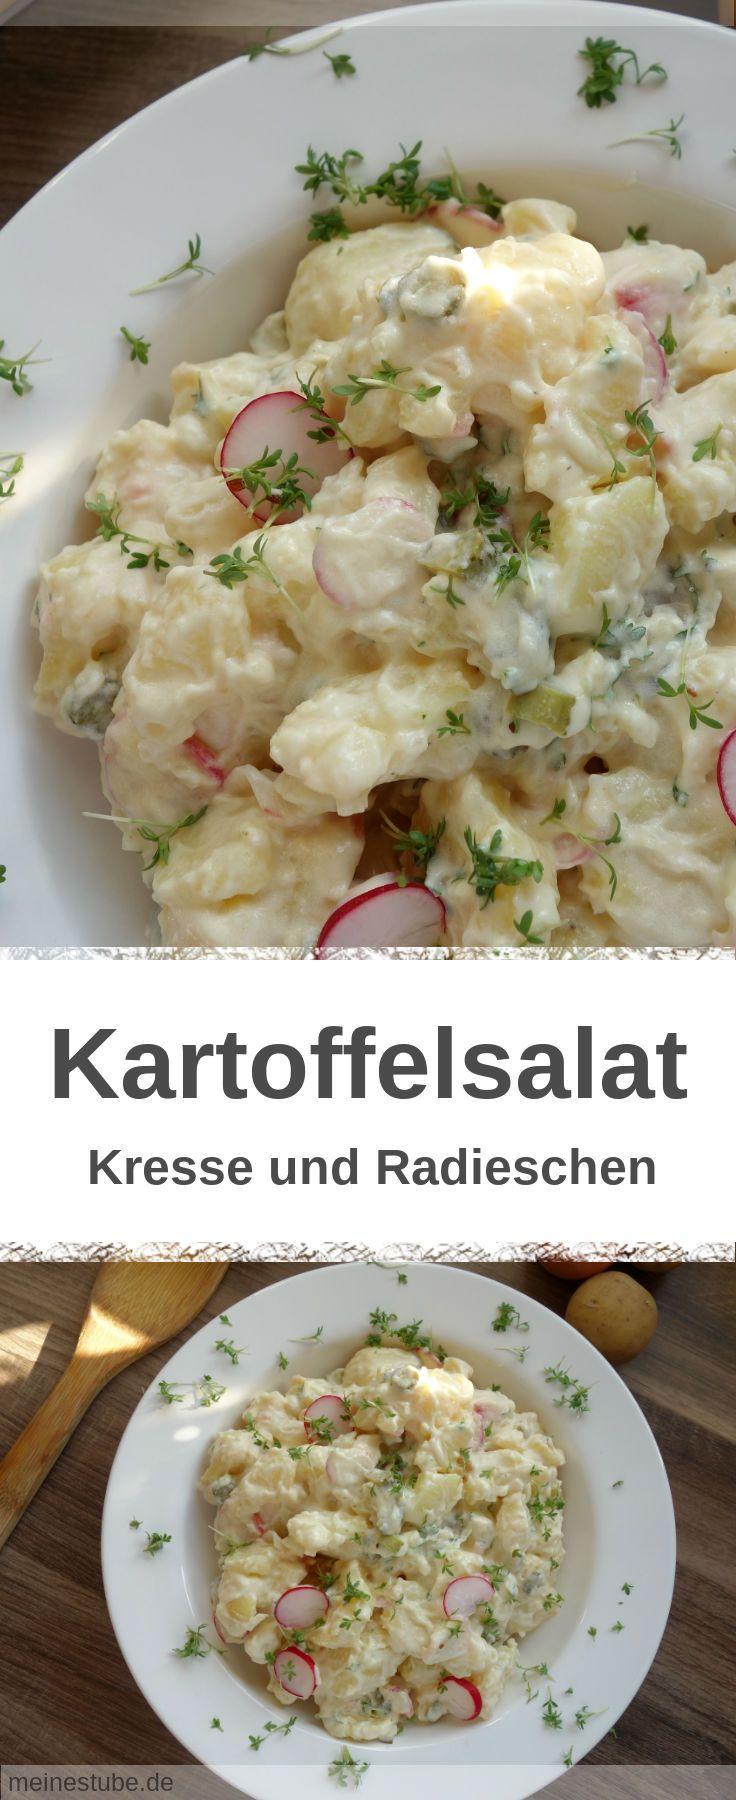 Rezept für einen Kartoffelsalat mit Kresse, Gewürzgurken und Radieschen. #kartoffelsalat #vegetarisch #salat